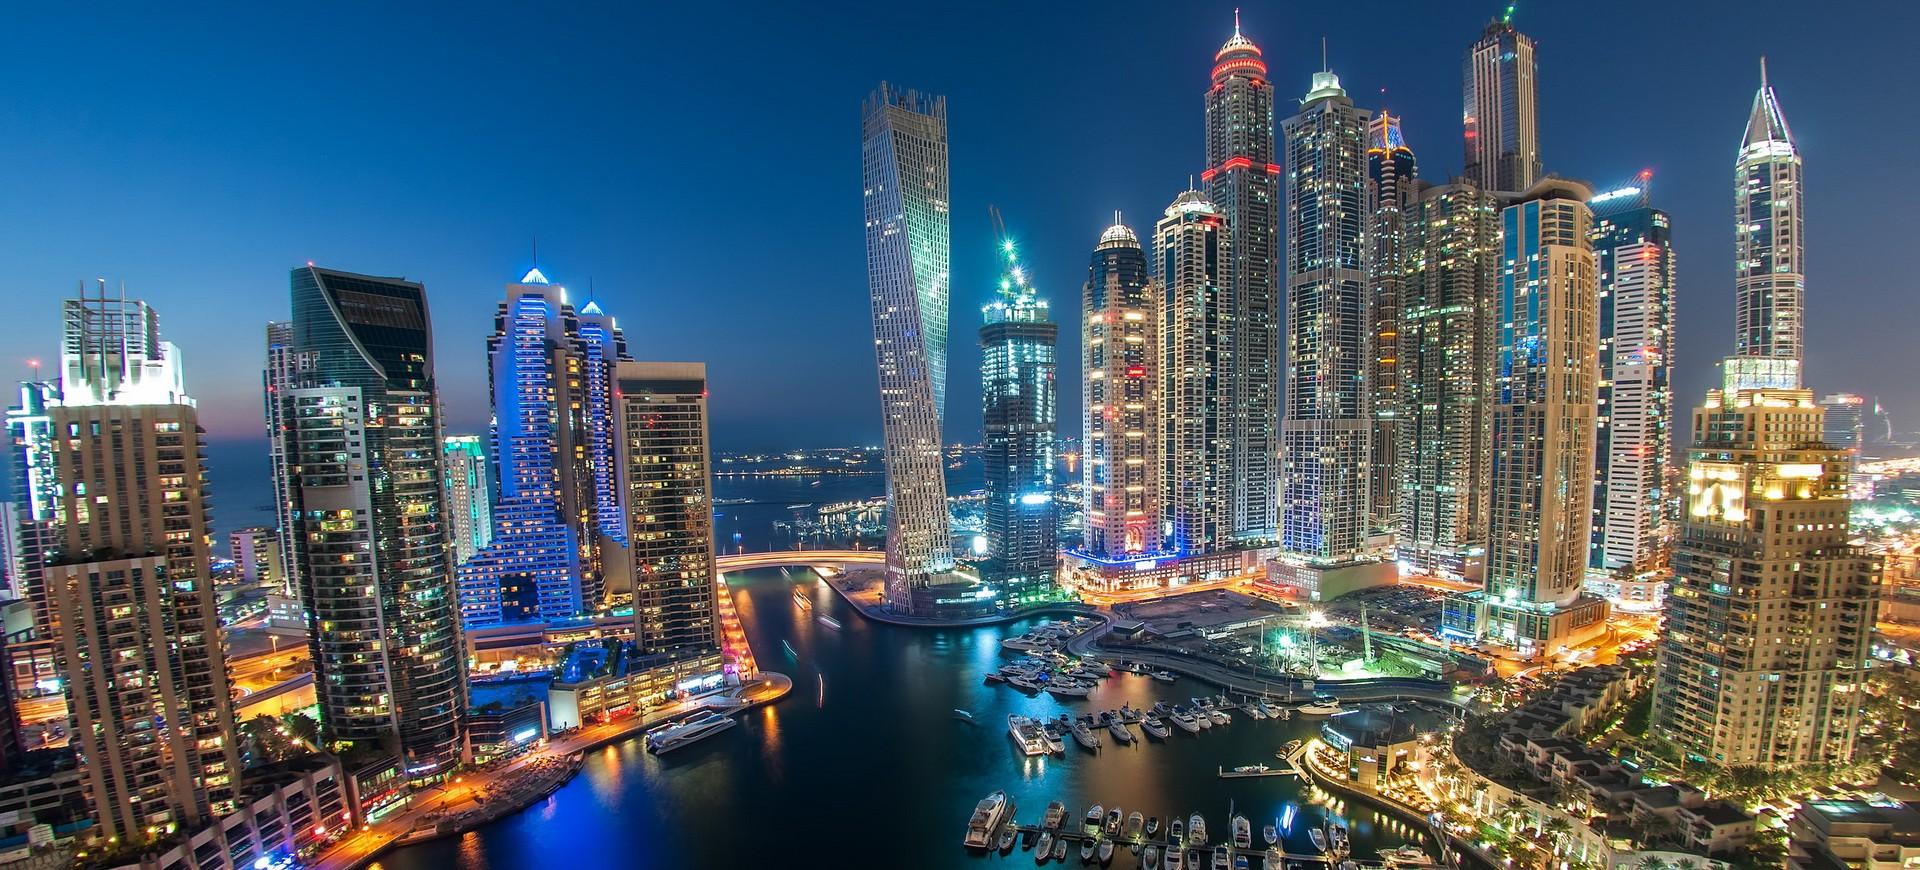 Emirats Arabes Unis Dubai Skyline et Marina by night 002